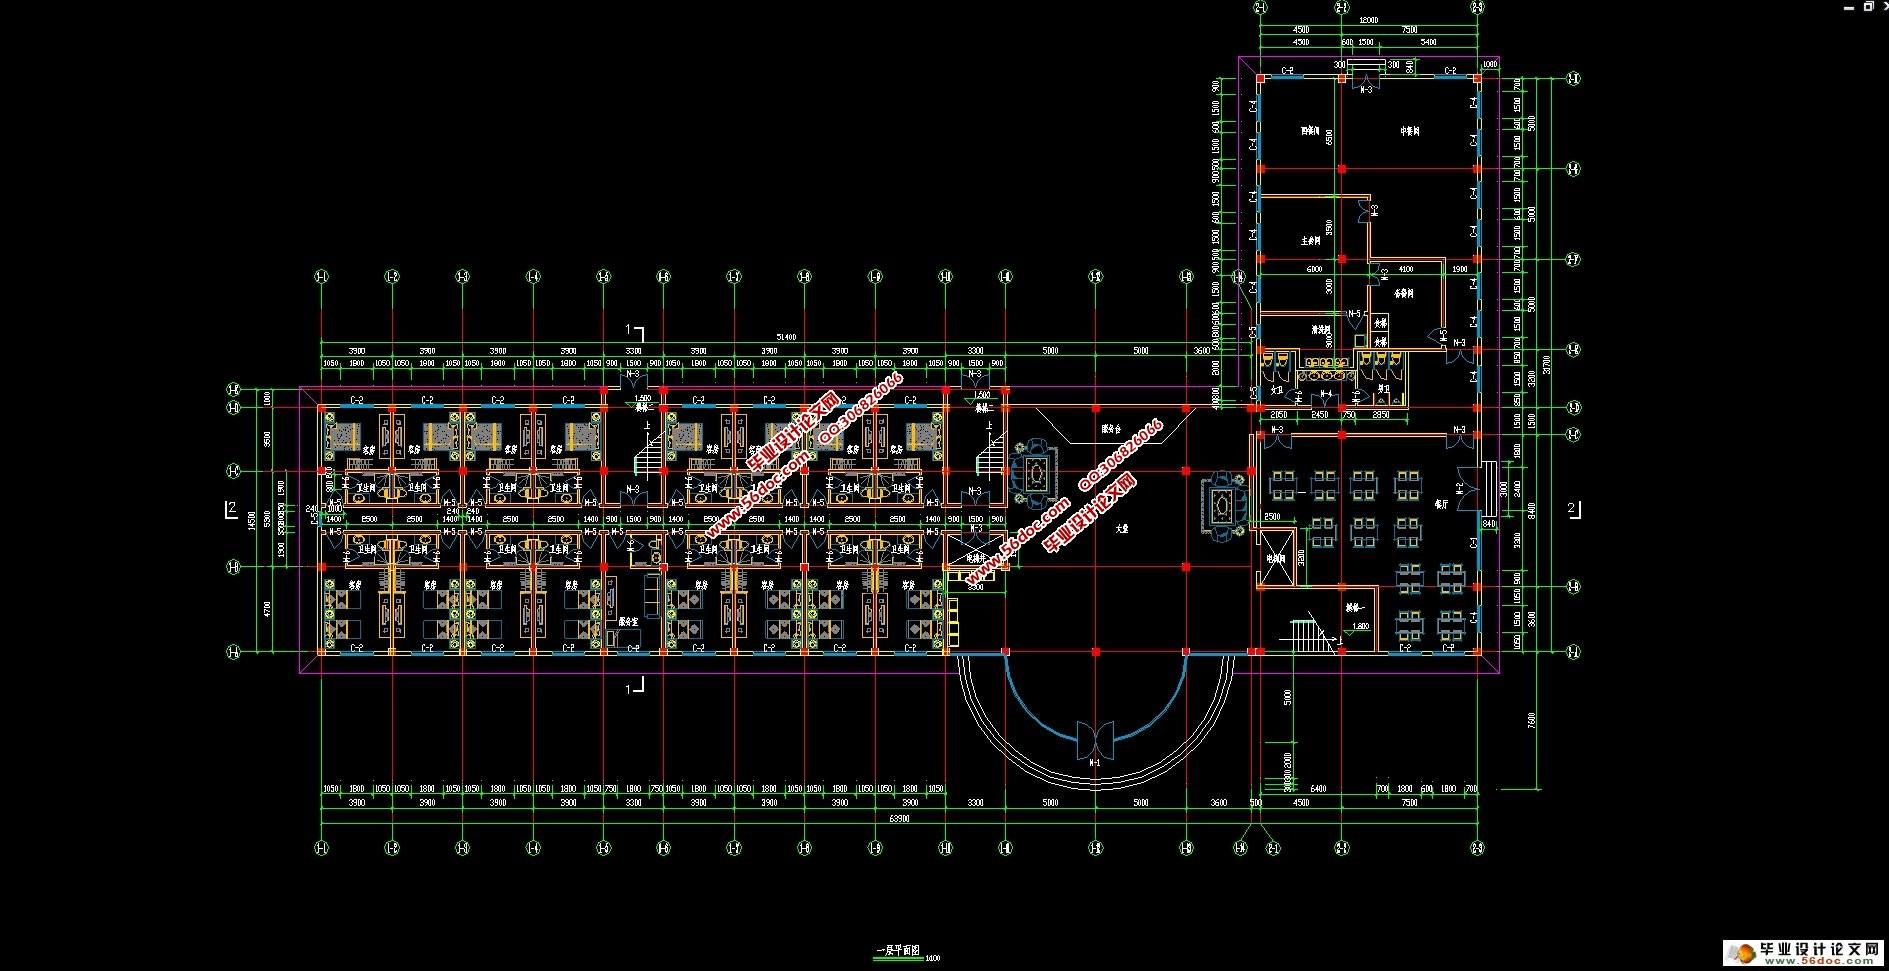 """五层5162平米秦皇岛自助式宾馆设计(建筑图,结构图,总平面图)(计算书7600字,建筑图8张,结构图5张) 工程概况 本设计位于秦皇岛市某大学校内,是一所新建的学生宿舍楼。总建筑面积5162m2。此建筑采用框架结构,整体现浇。根据甲方提出的宿舍使用功能的要求,本建筑采用相同的开间与进深平面规整,对称,有利于建筑物的抗震。屋面防水采用""""堵""""和""""导""""相结合的方式。以""""堵""""为主,是屋面处设有两毡三油柔性防水层;屋顶排水以""""导&"""